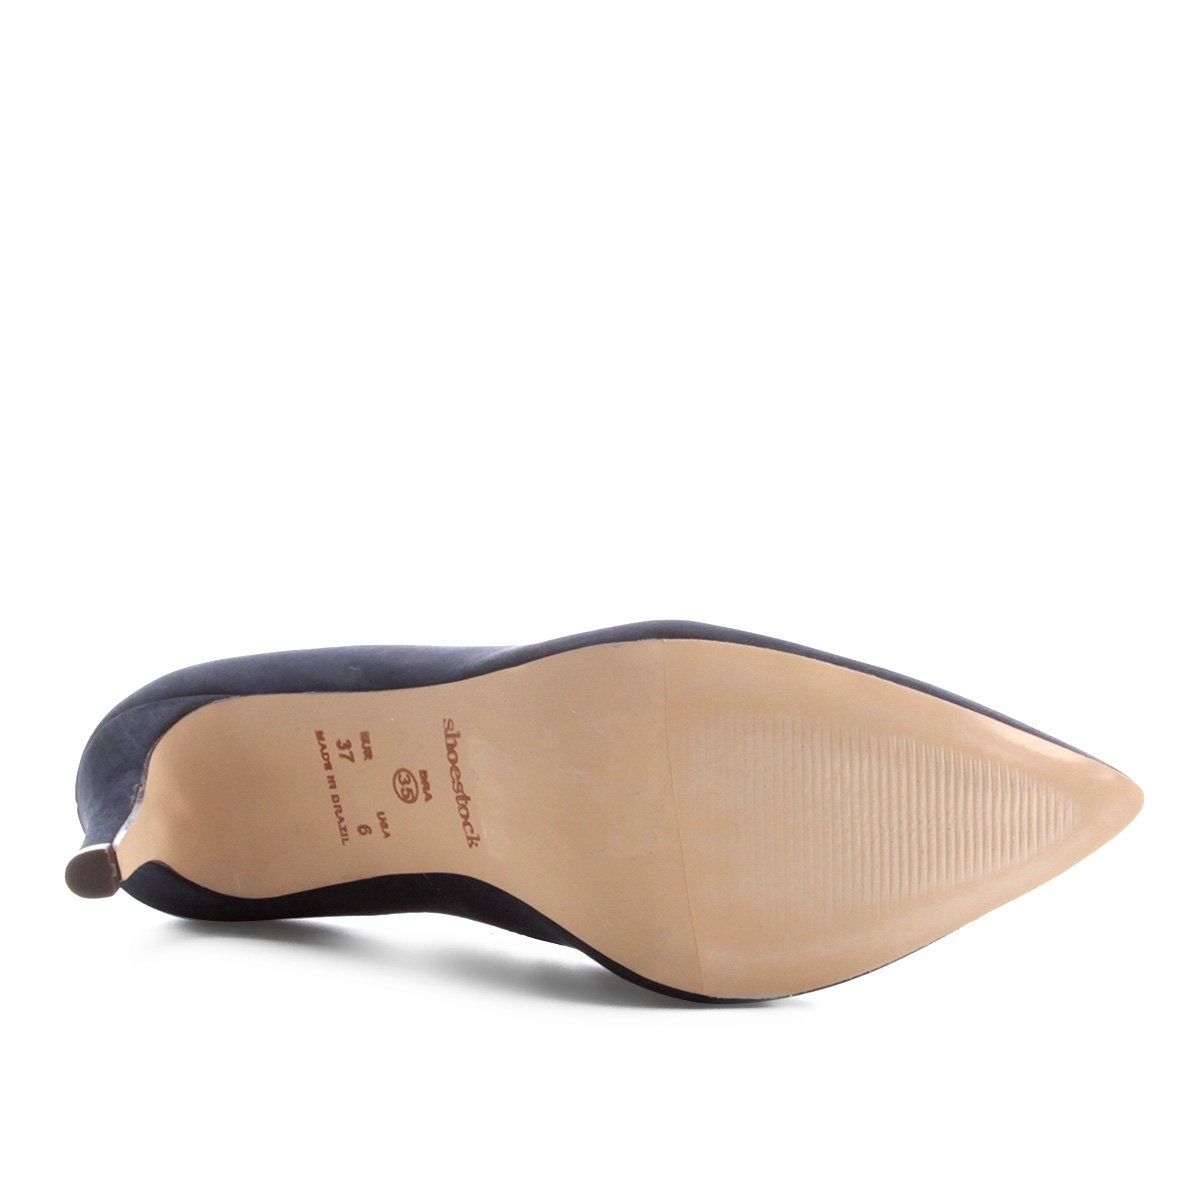 Scarpin Salto Couro Shoestock Couro Shoestock Alto Básico Salto Marinho Scarpin S6xrSYqZ